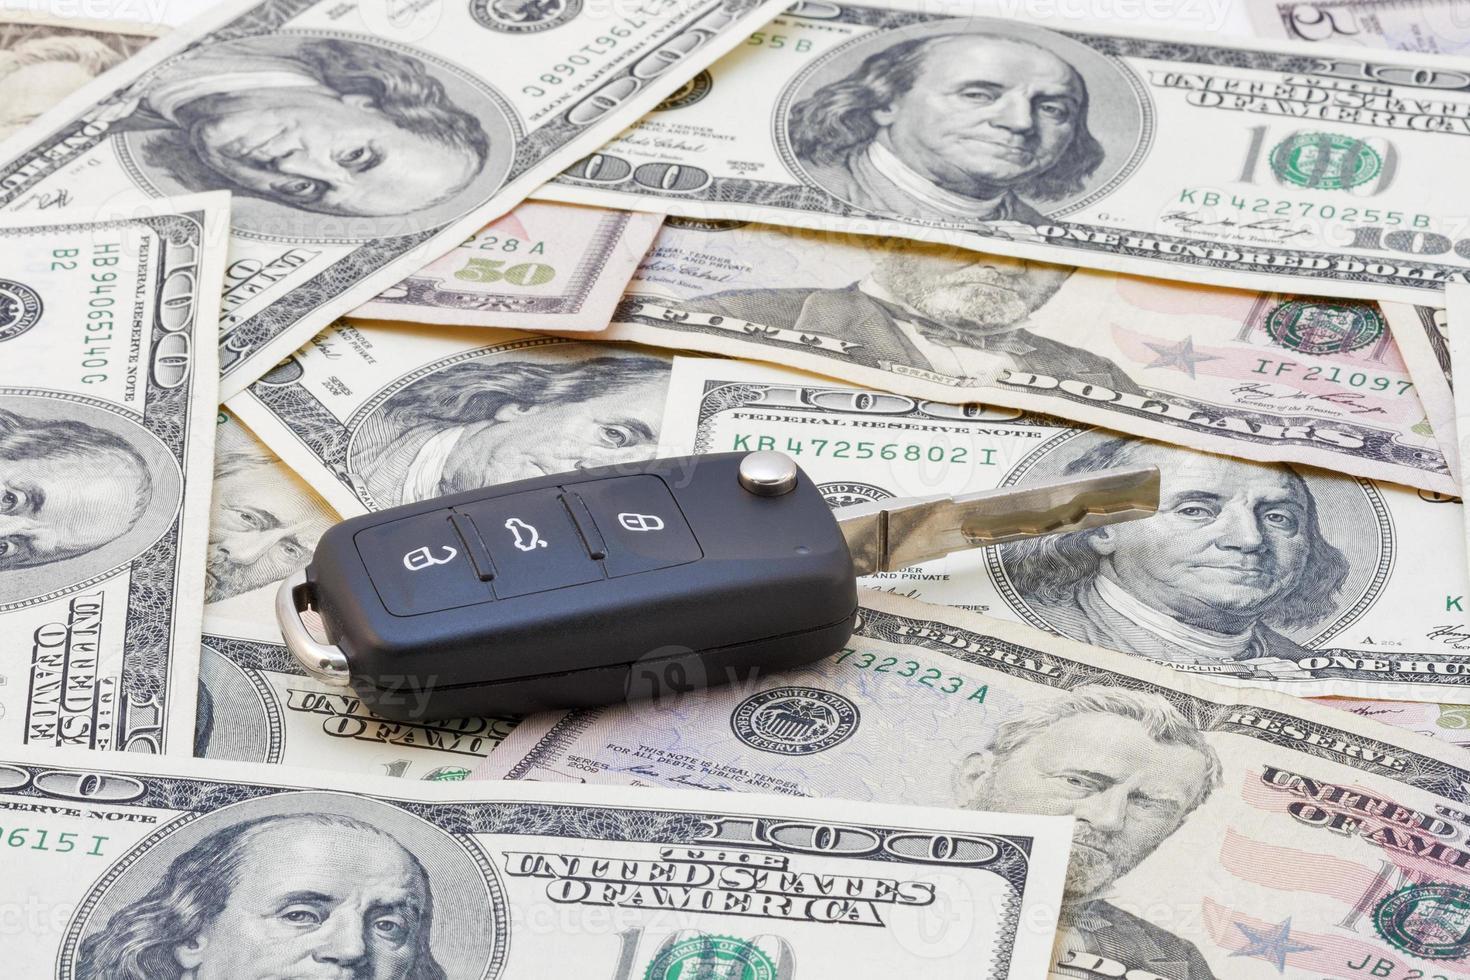 chiavi della macchina sopra le banconote in dollari foto